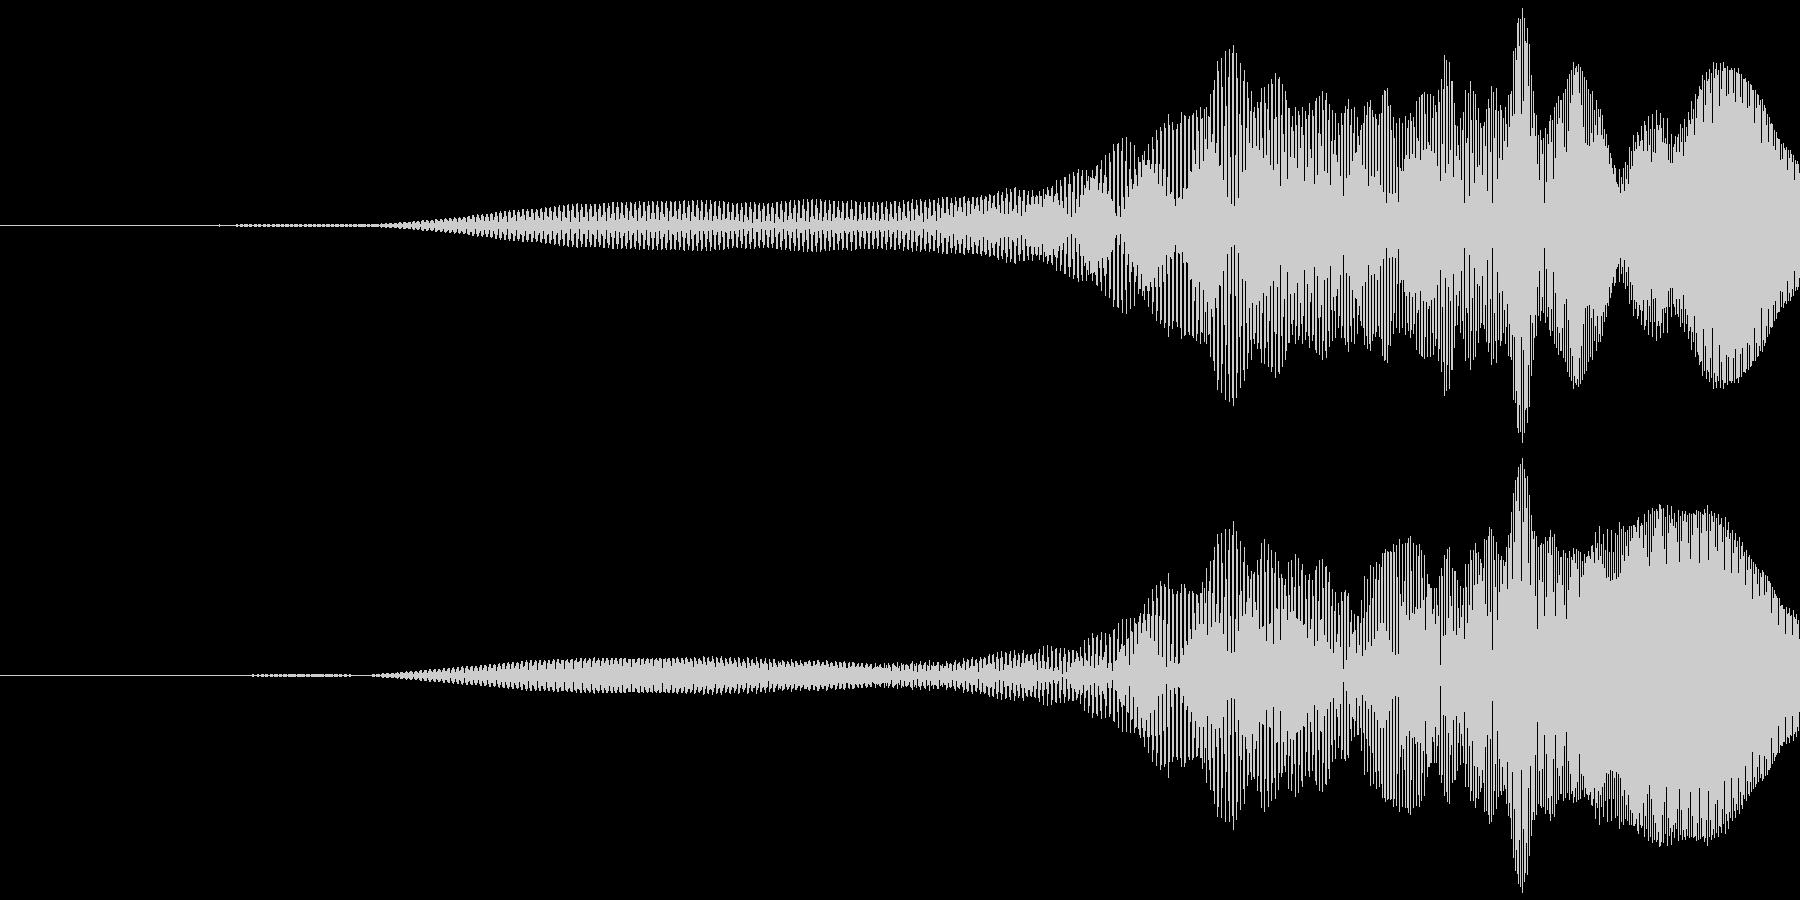 取る風 オノマトペ(上昇)ヒョッの未再生の波形